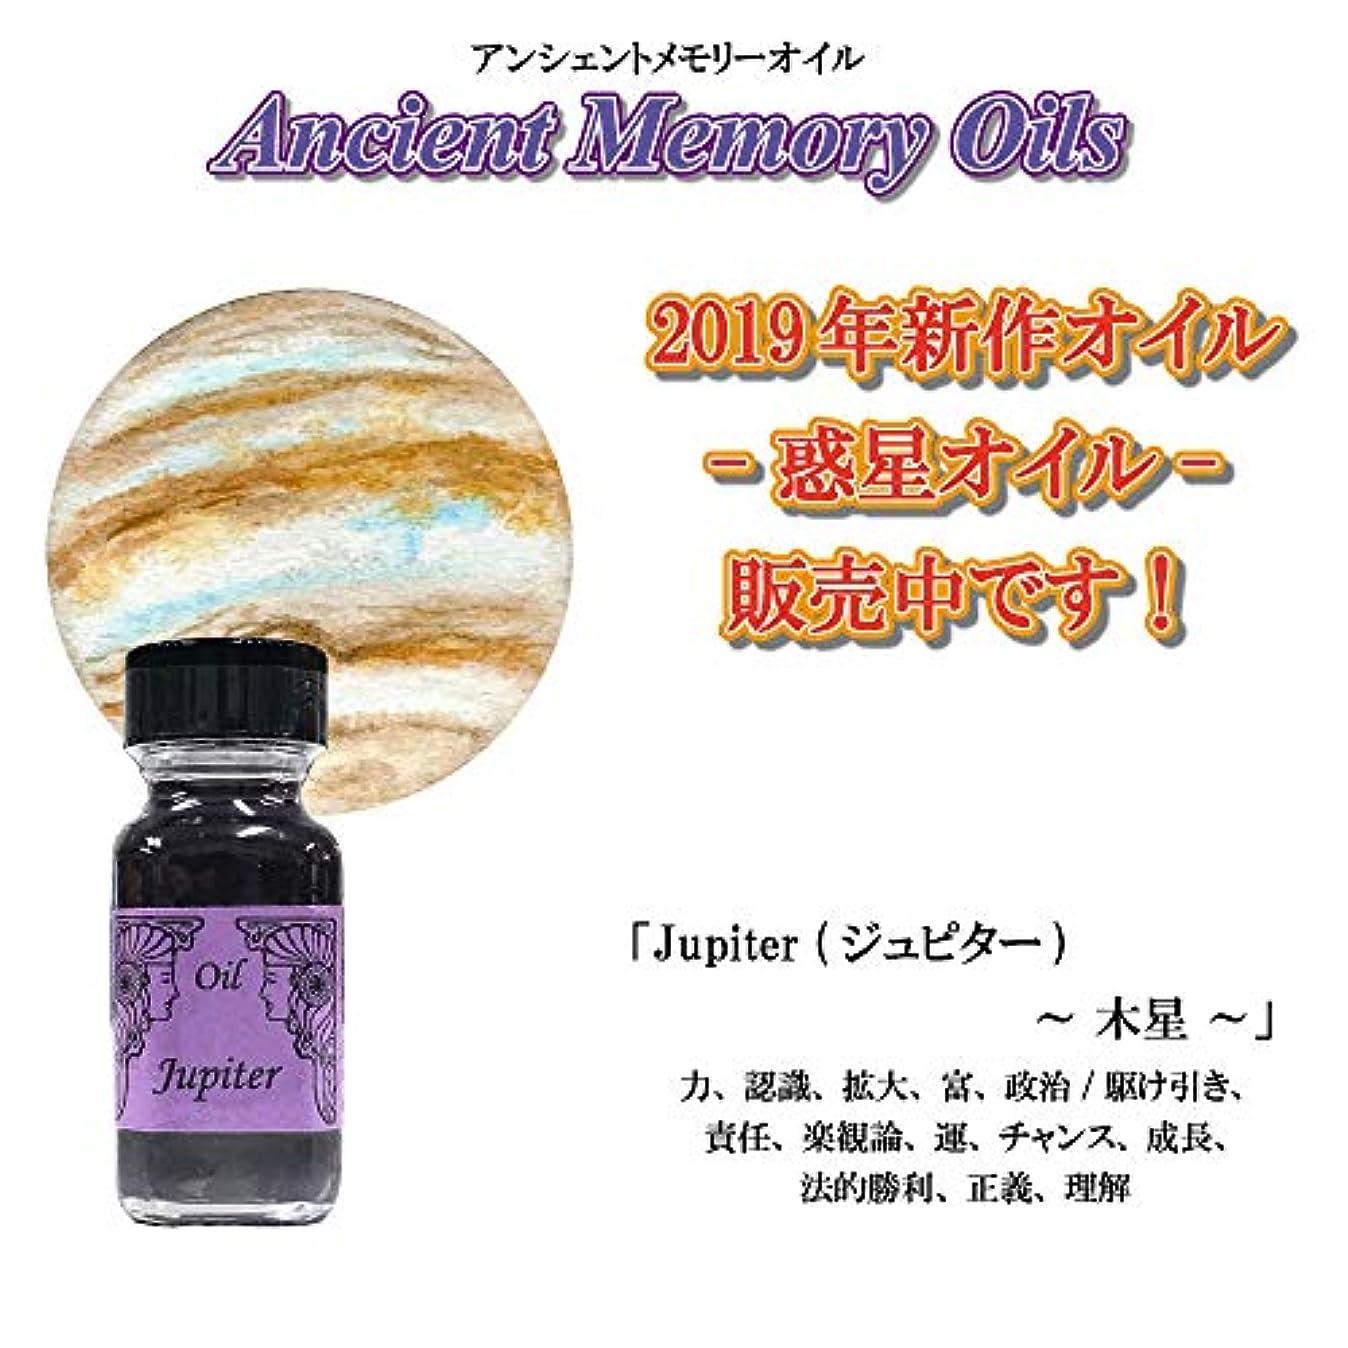 切り刻むサイト回転するSEDONA Ancient Memory Oils セドナ アンシェントメモリーオイル 惑星オイル Jupiter 木星 ジュピター 15ml